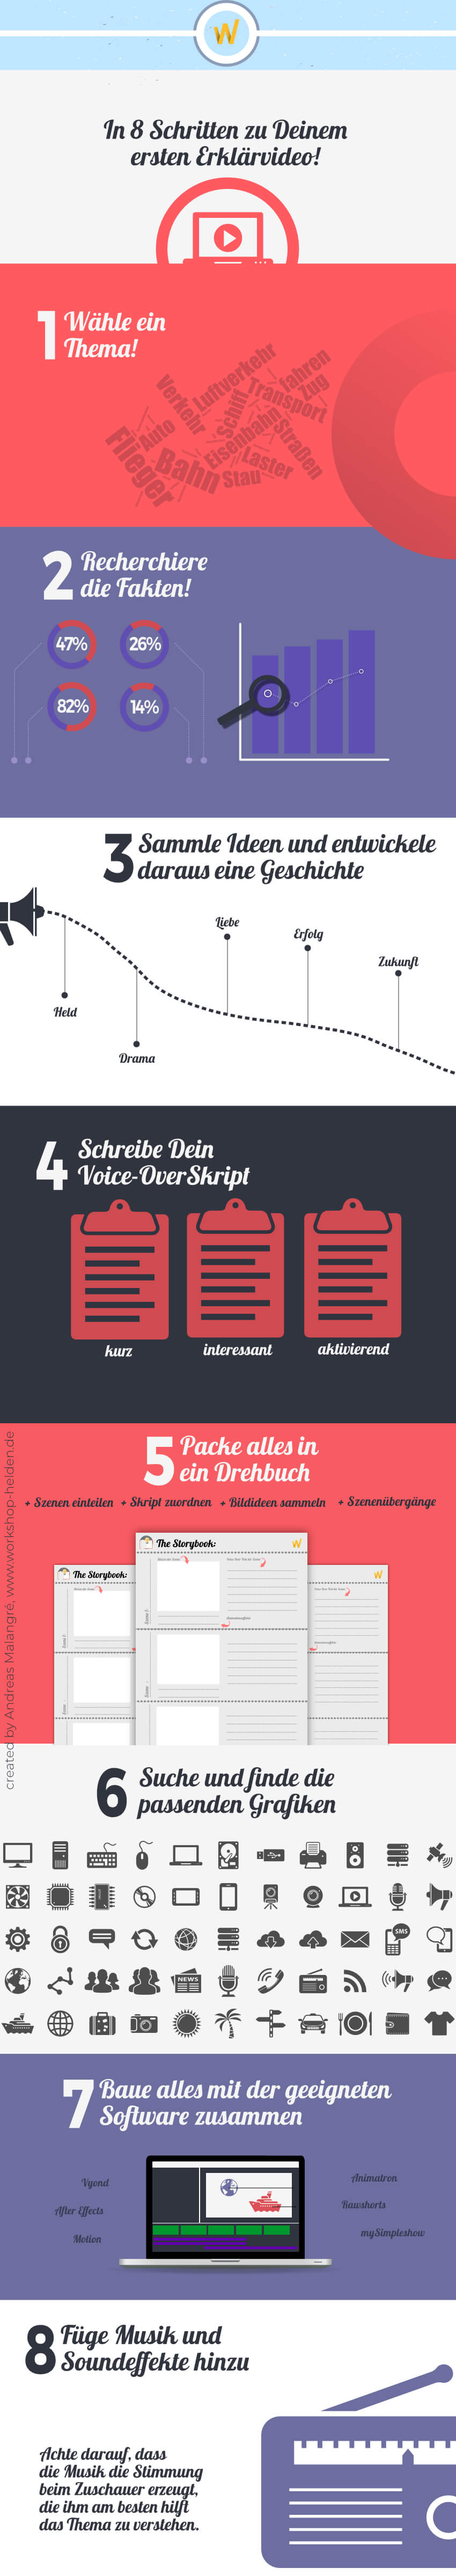 Infografik zum Thema Erklärvideo erstellen